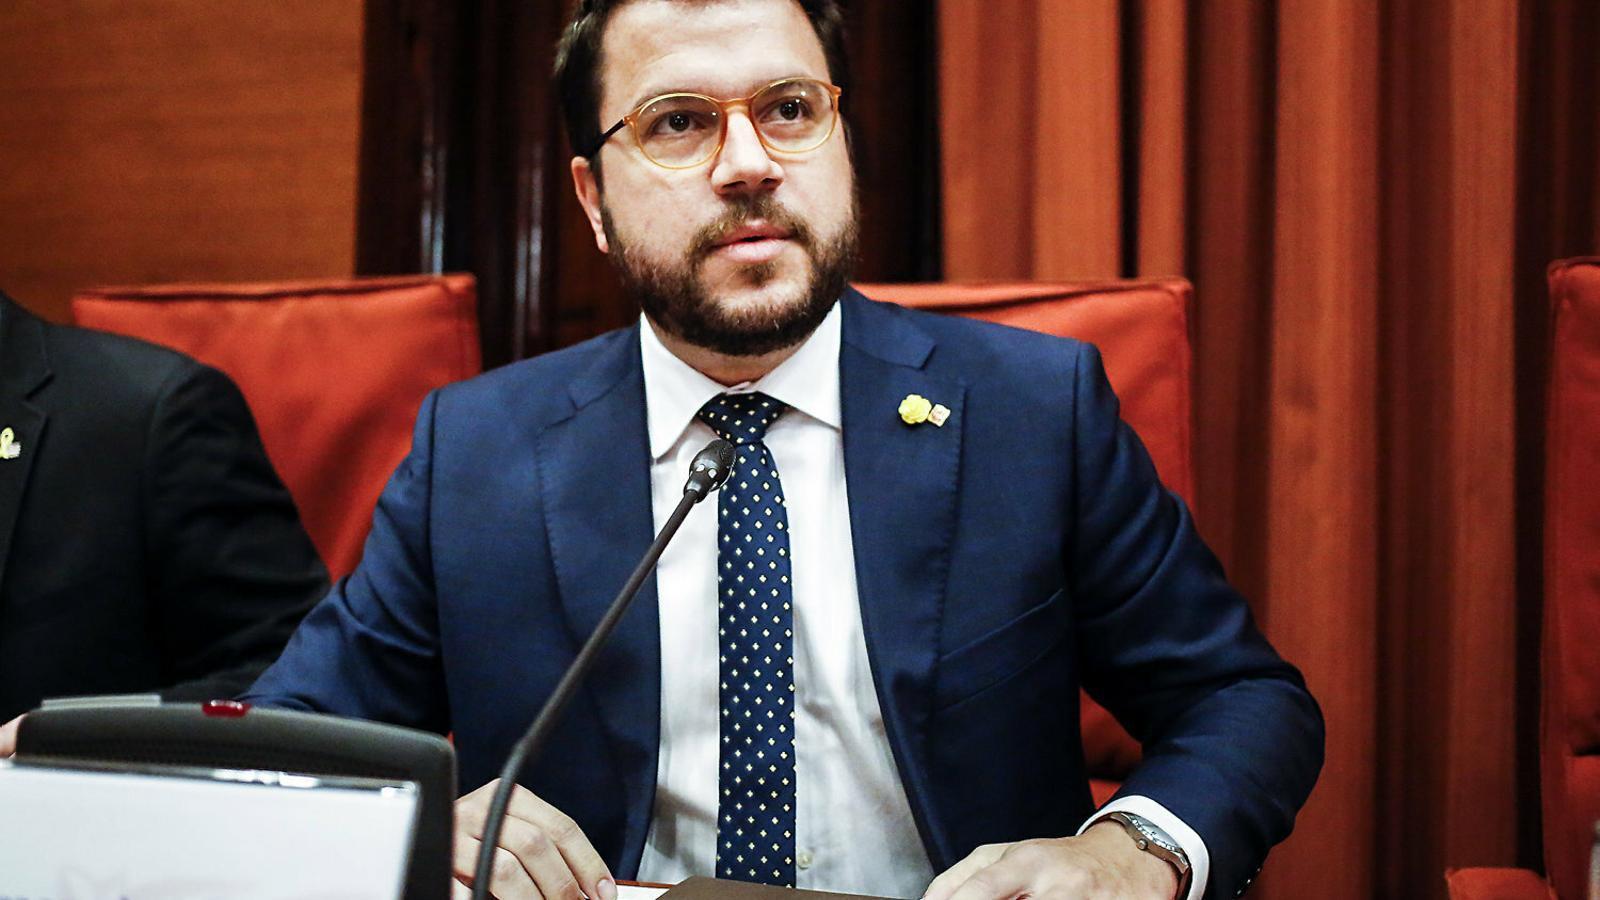 El vicepresident del Govern, Pere Aragonès, en una imatge d'arxiu al Parlament.